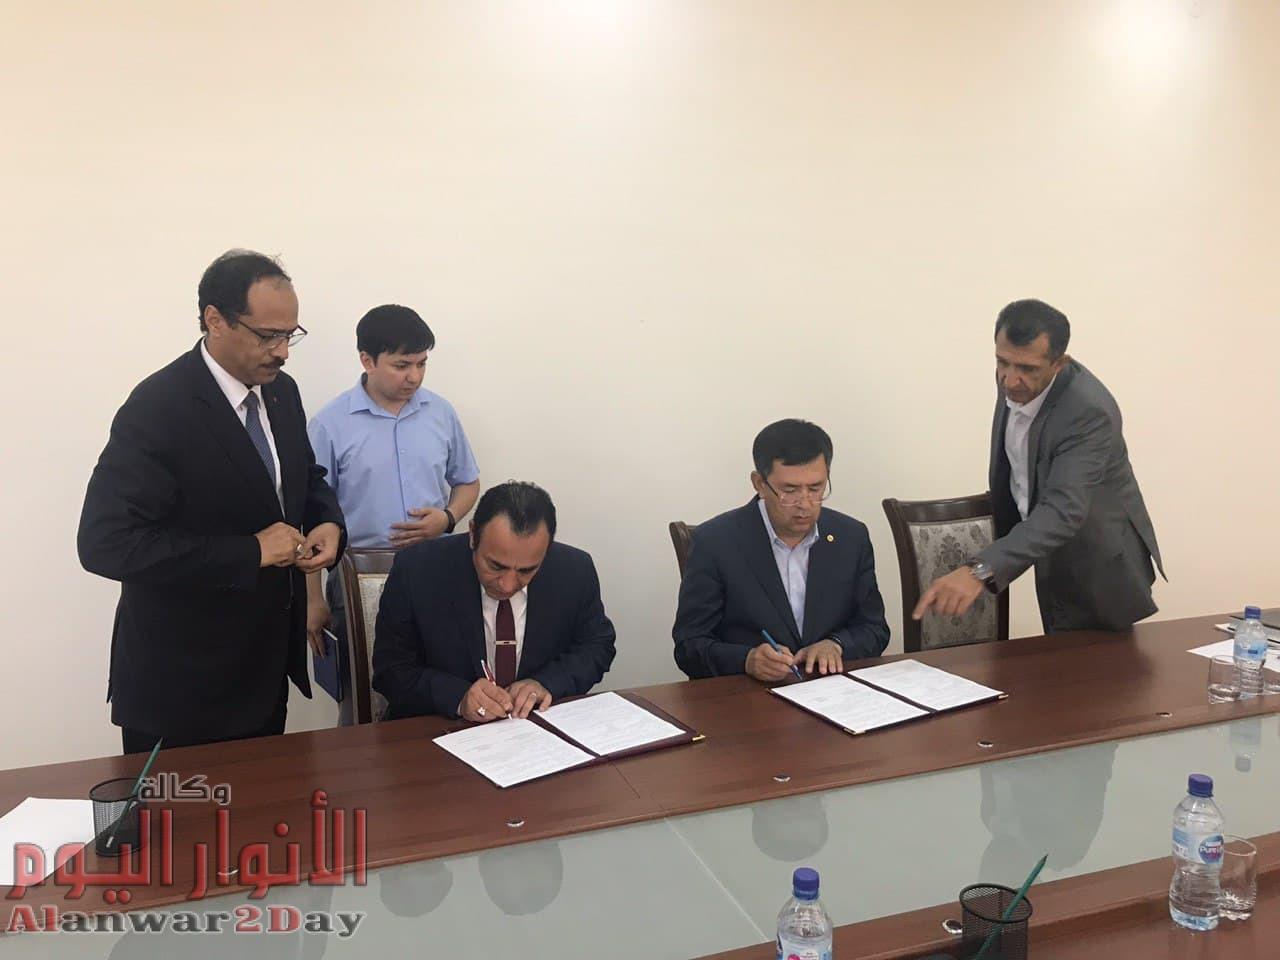 بالصور..توقيع اتفاق مصري اوزباكستاني لتطوير مزار الامام البخاري الدمراوي: الاتفاق يتضمن قاعة اجتماعات ومسرح وفنادق ومطاعم سياحية